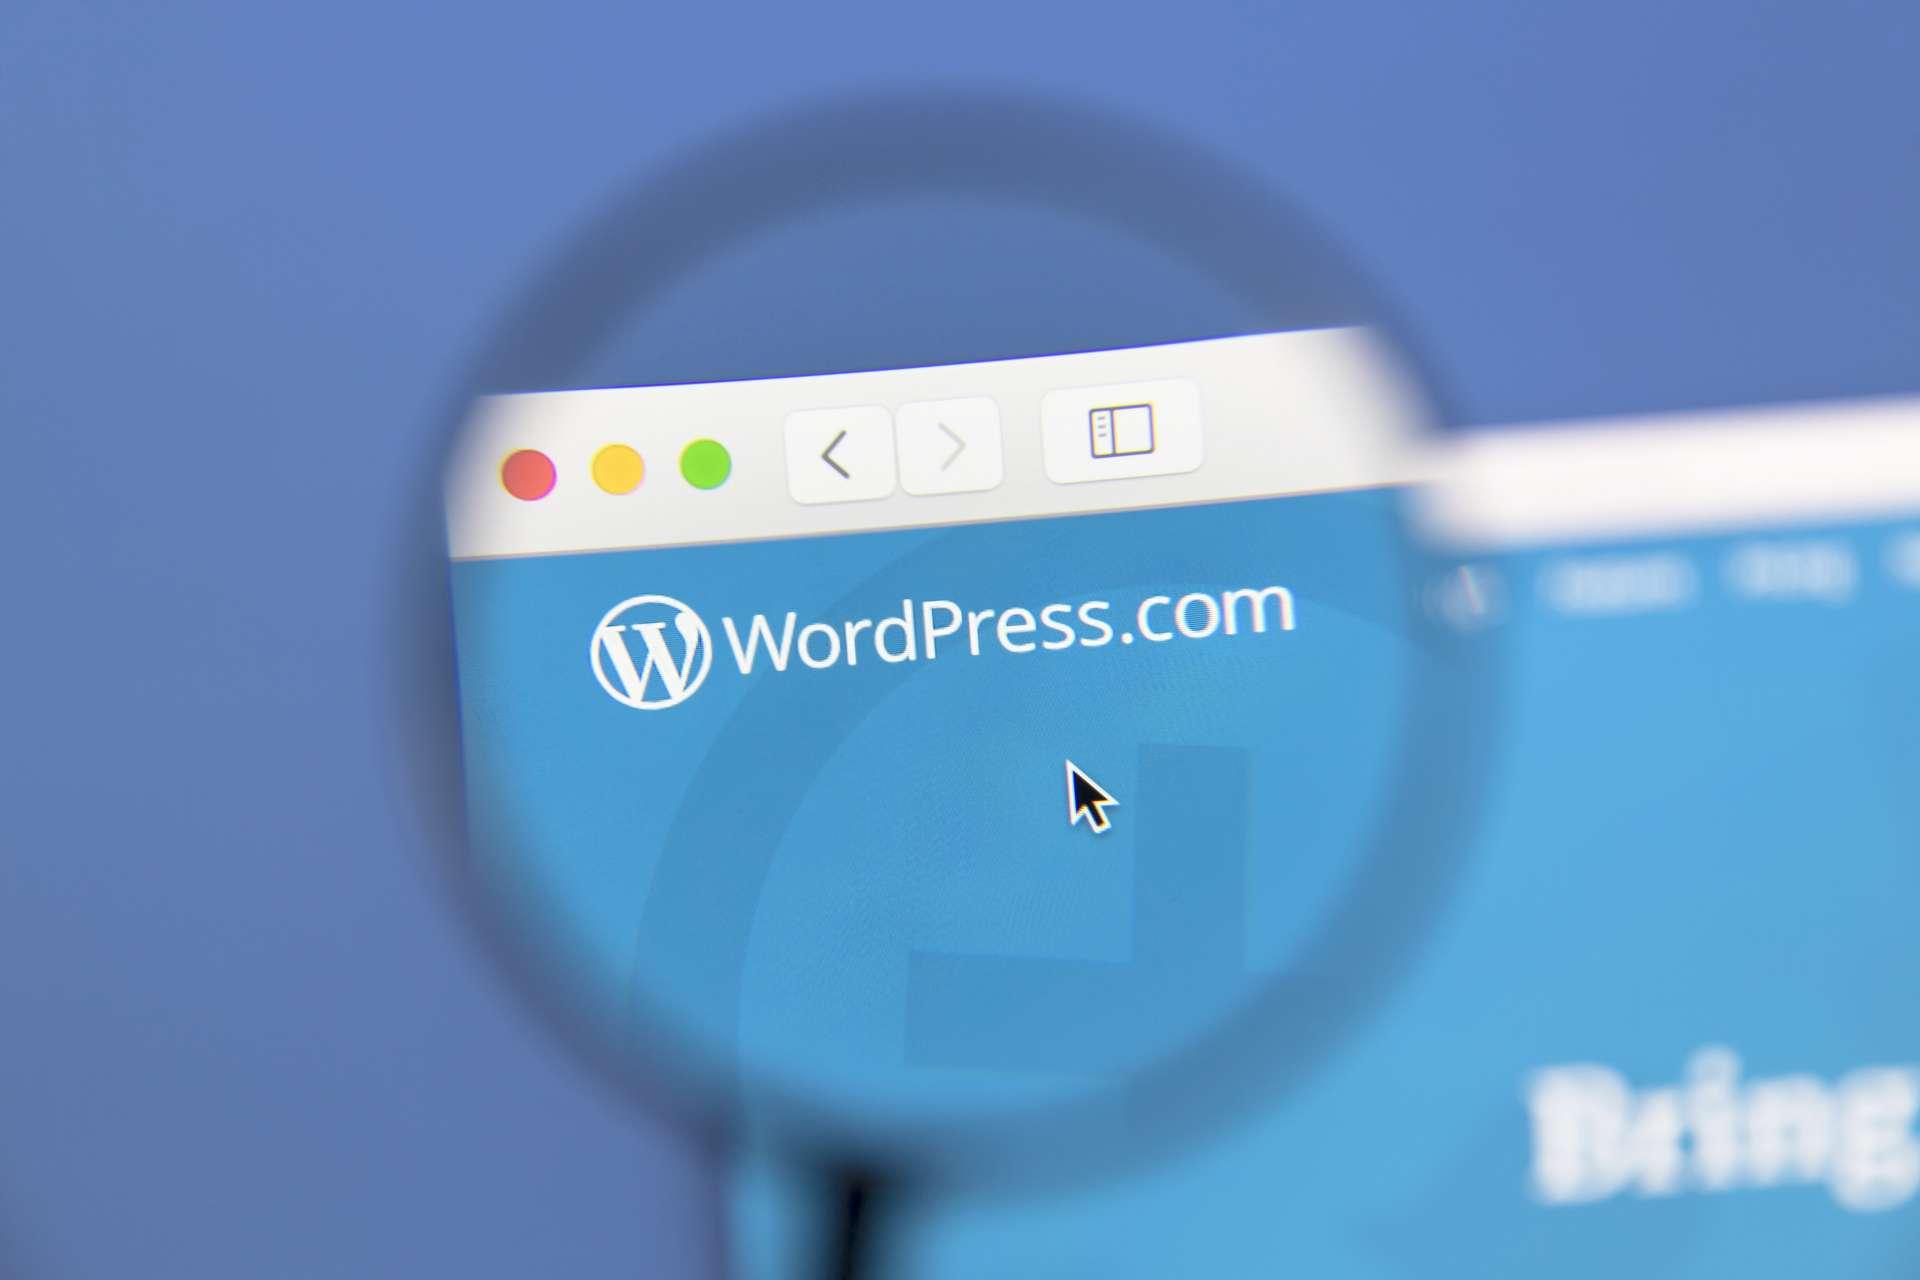 Apprenez à maîtriser le CMS WordPress et créez vos propres sites internet. © IB Photography, Adobe Stock